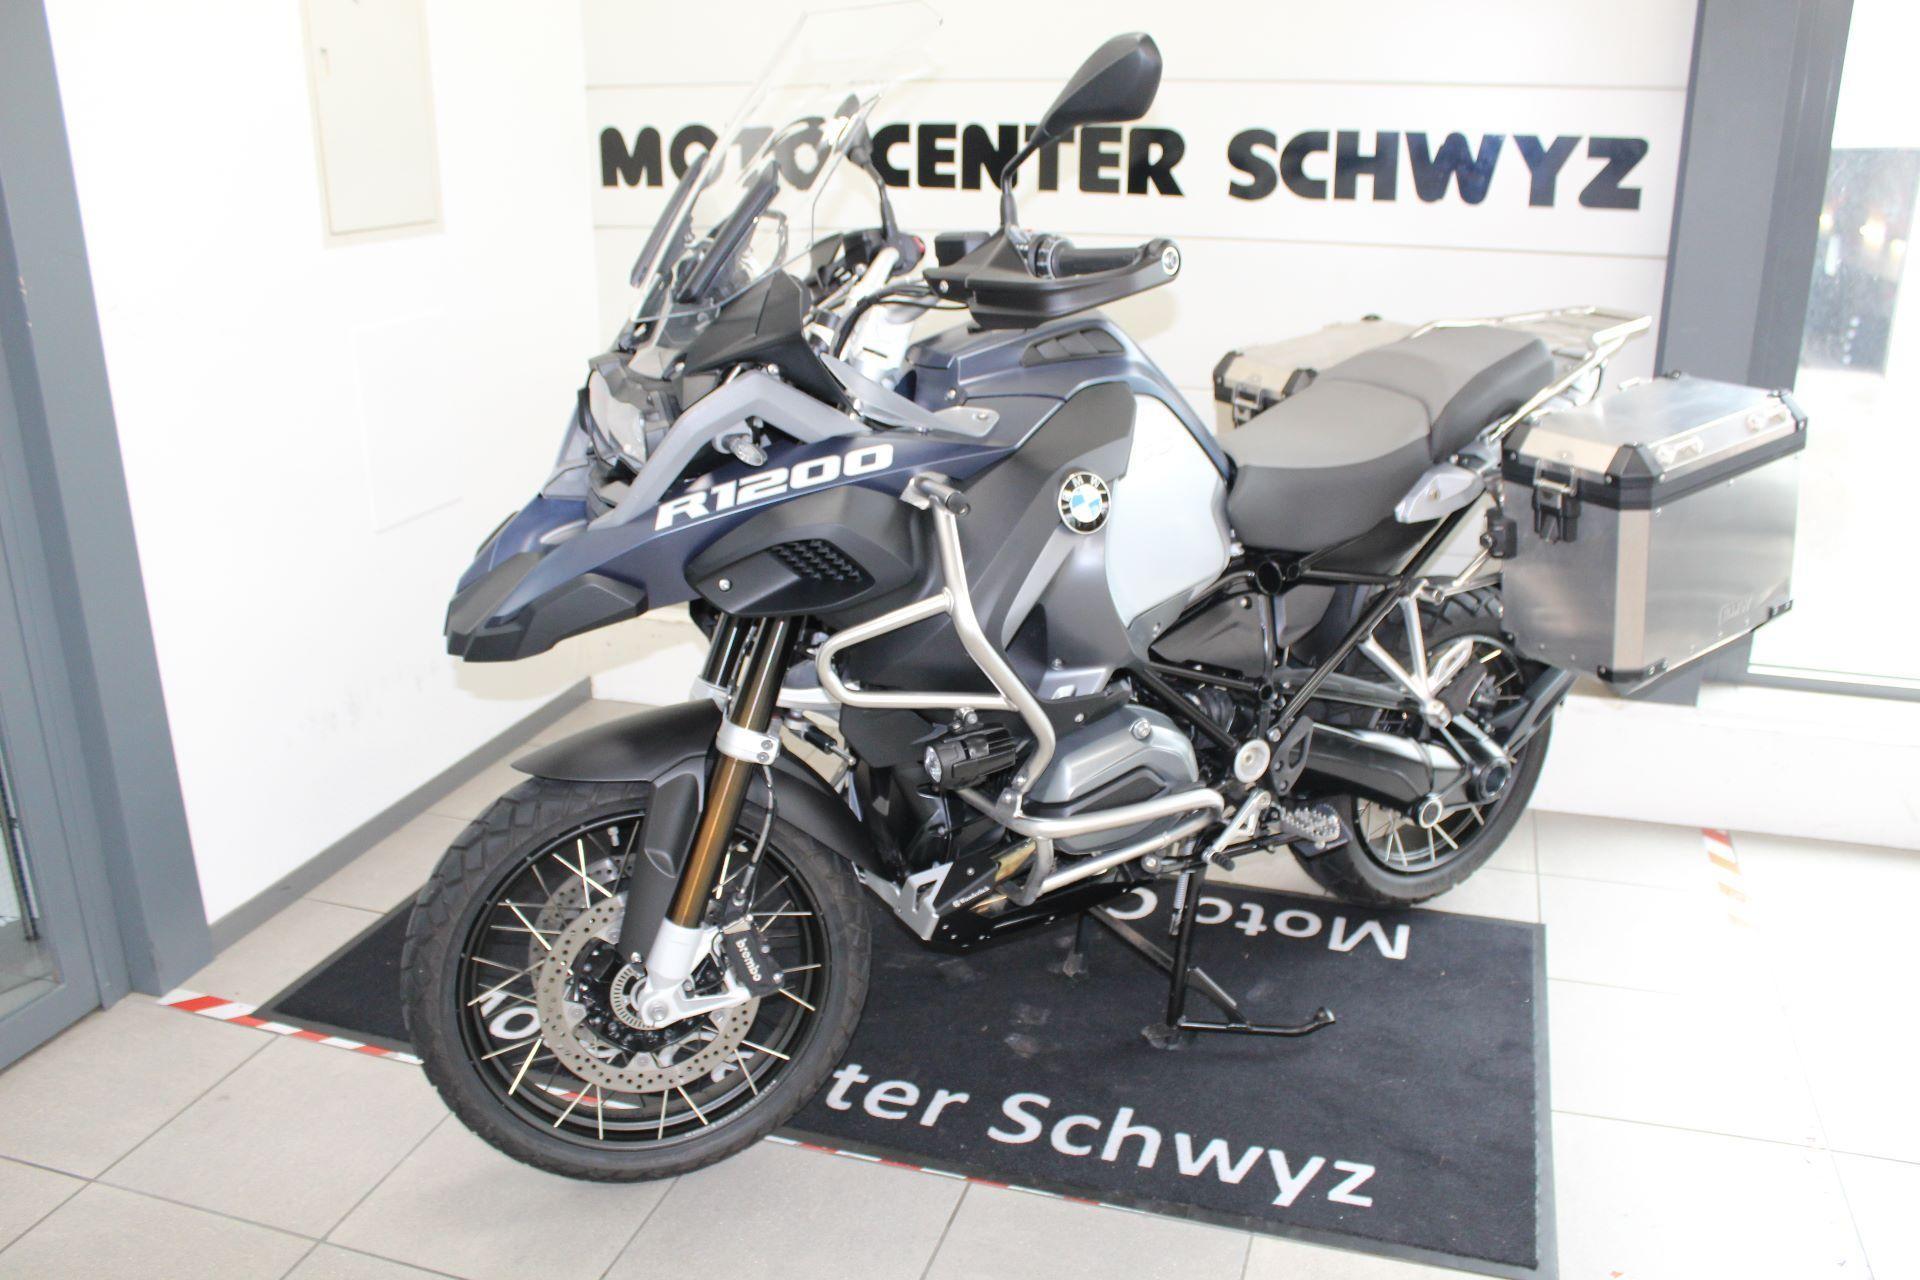 motorrad occasion kaufen bmw r 1200 gs adventure abs moto center schwyz ag seewen schwyz. Black Bedroom Furniture Sets. Home Design Ideas